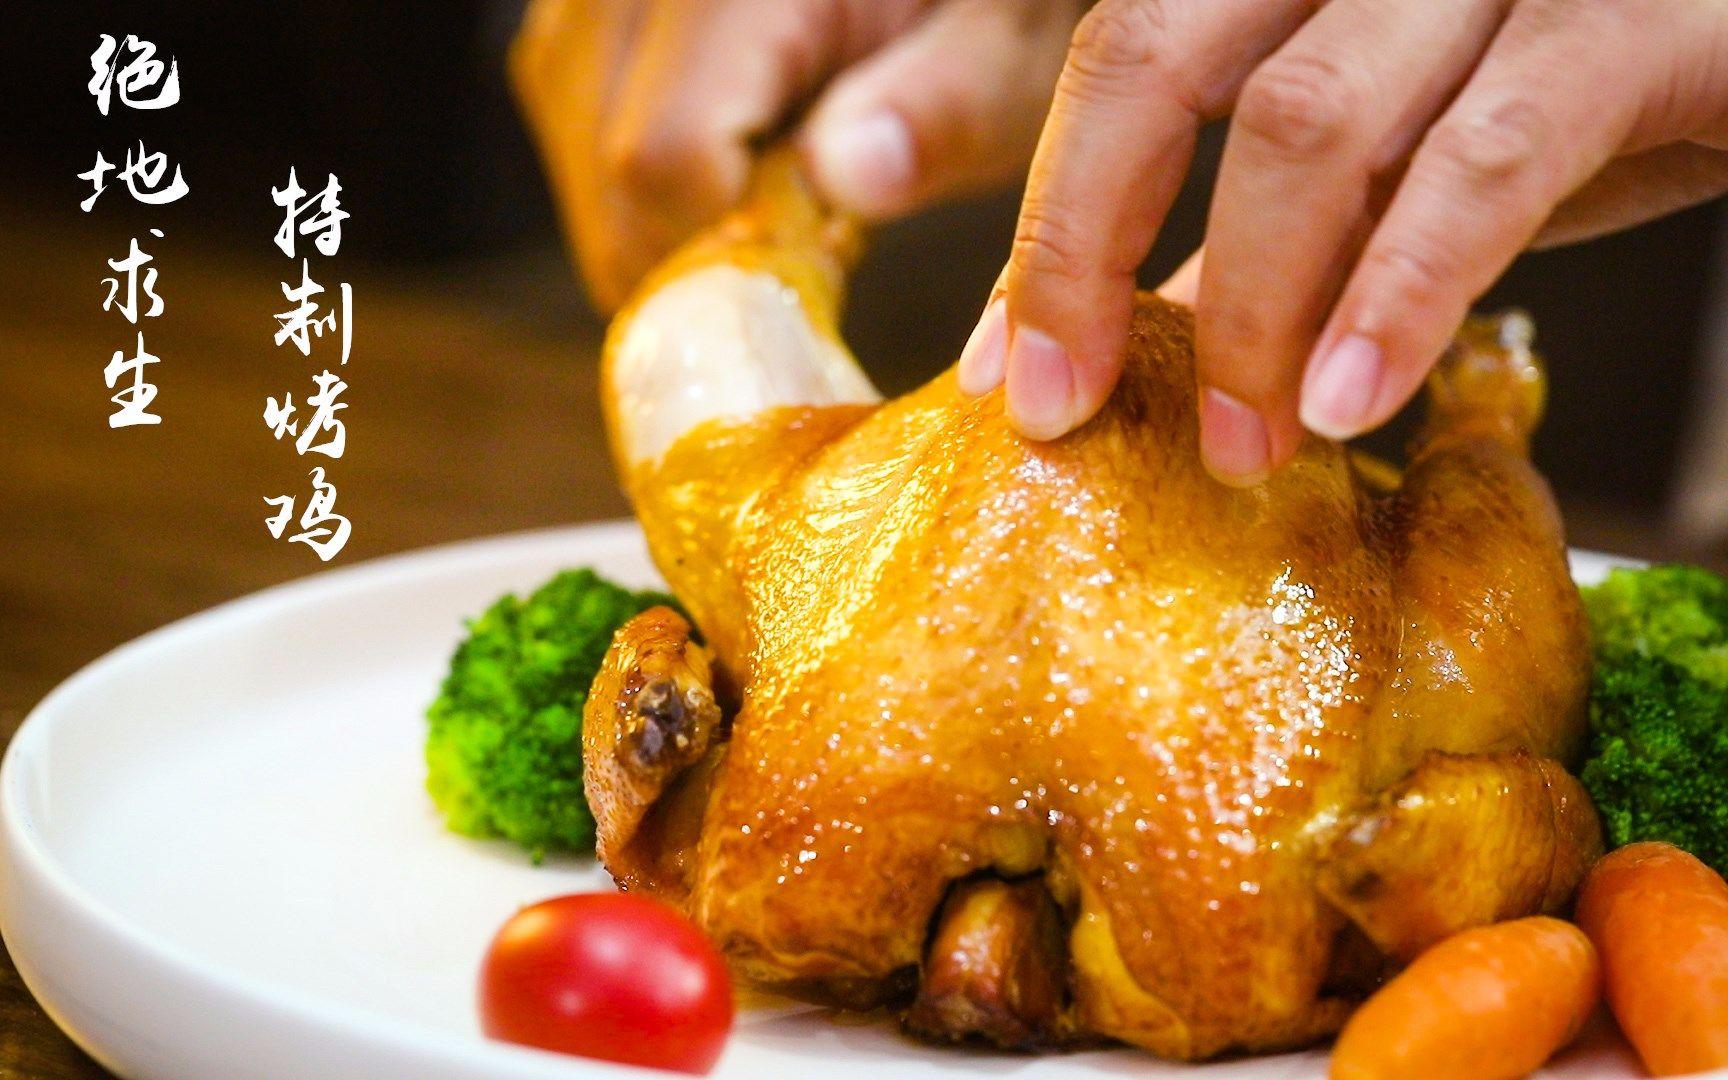 【还原神厨】绝地求生-特制烤鸡(大吉大利,晚上吃鸡)图片